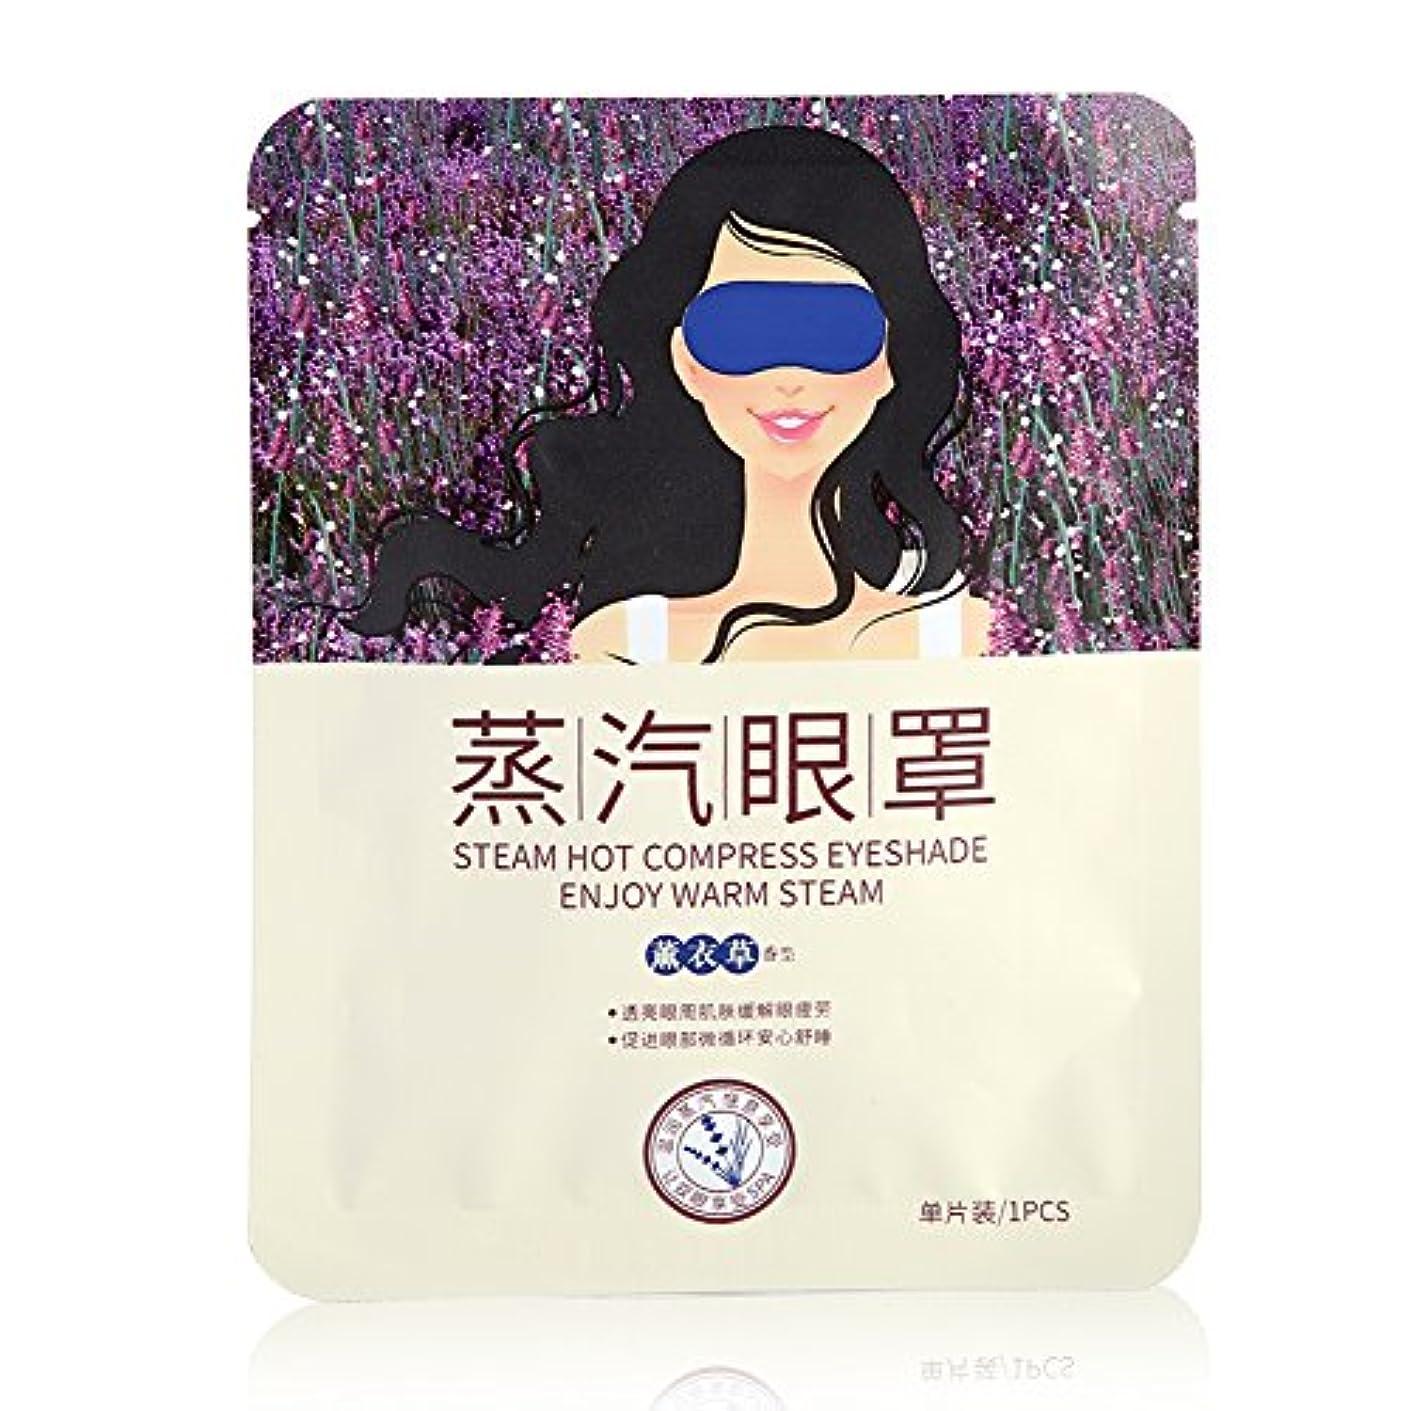 原理病気引き潮Eboxer 蒸気でホットアイマスク ラベンダーの香り 目もとを温めく 軽量 目の疲れ解消 男女通用 安眠 圧迫感なし 遮光 睡眠 ストレス解消